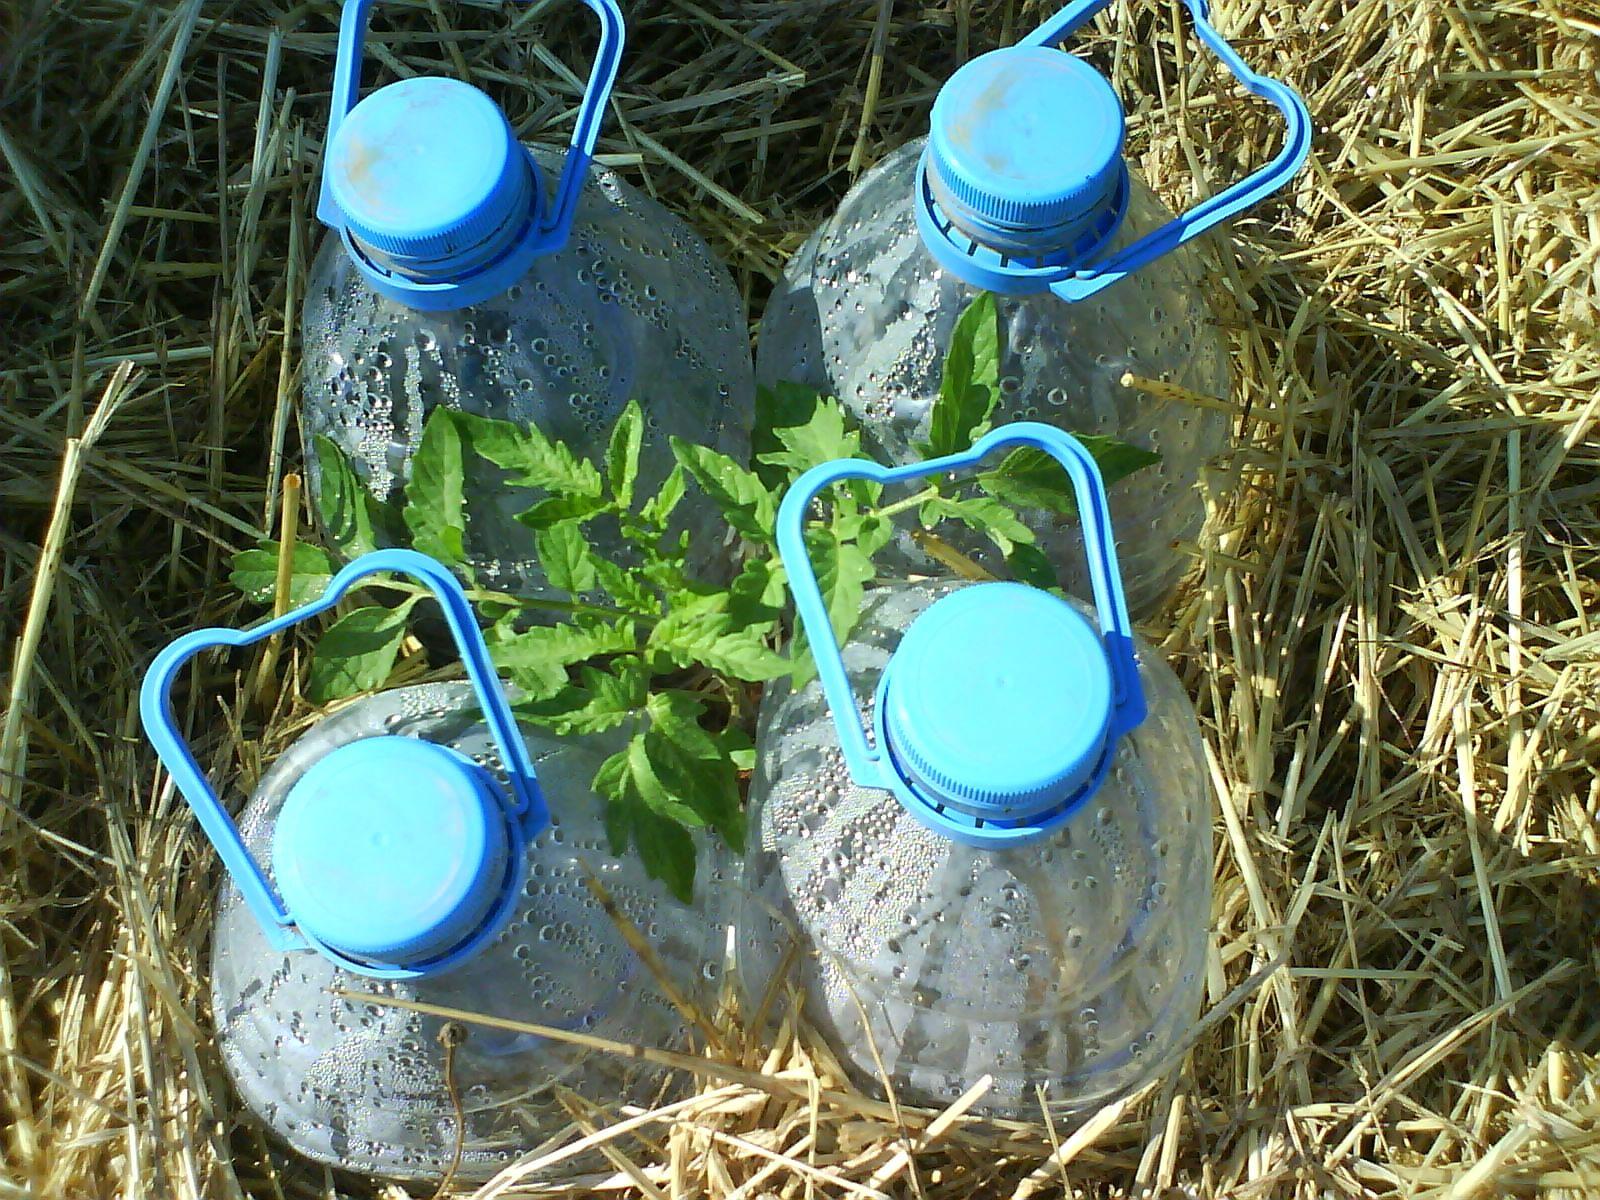 Tomatera riego por goteo con botellas educaci n for Riego automatico leroy merlin